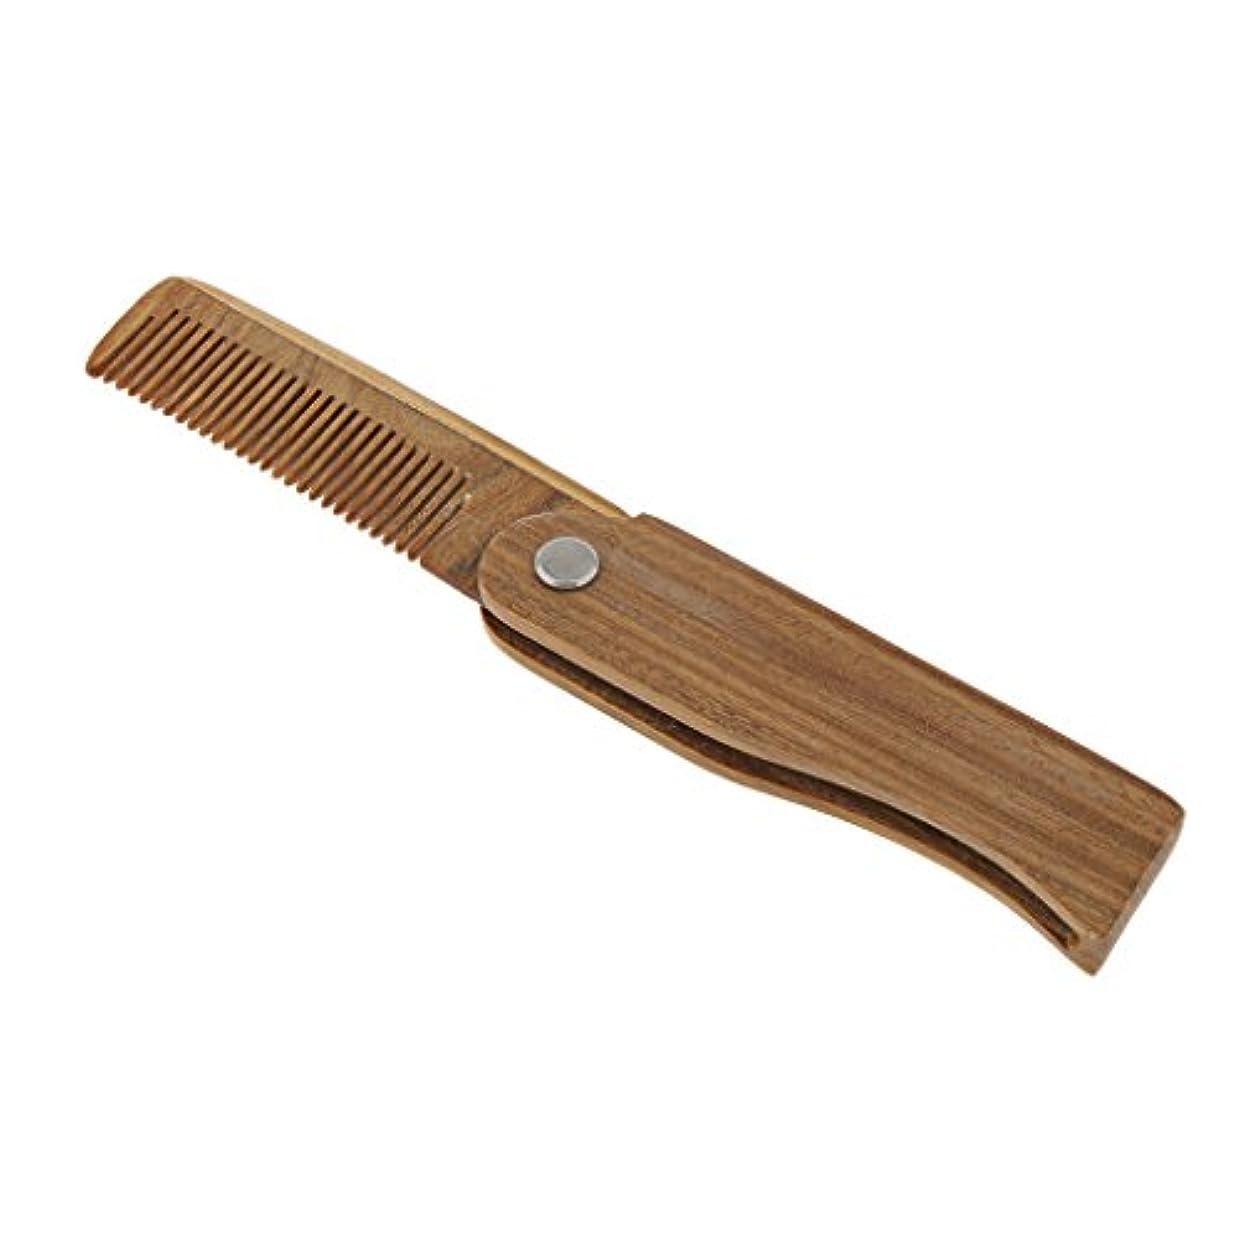 依存面白いふりをする木製櫛 ヘアブラシ ヘアコーム ポケットサイズ 折り畳み式 ひげ櫛 2タイプ選べる - B